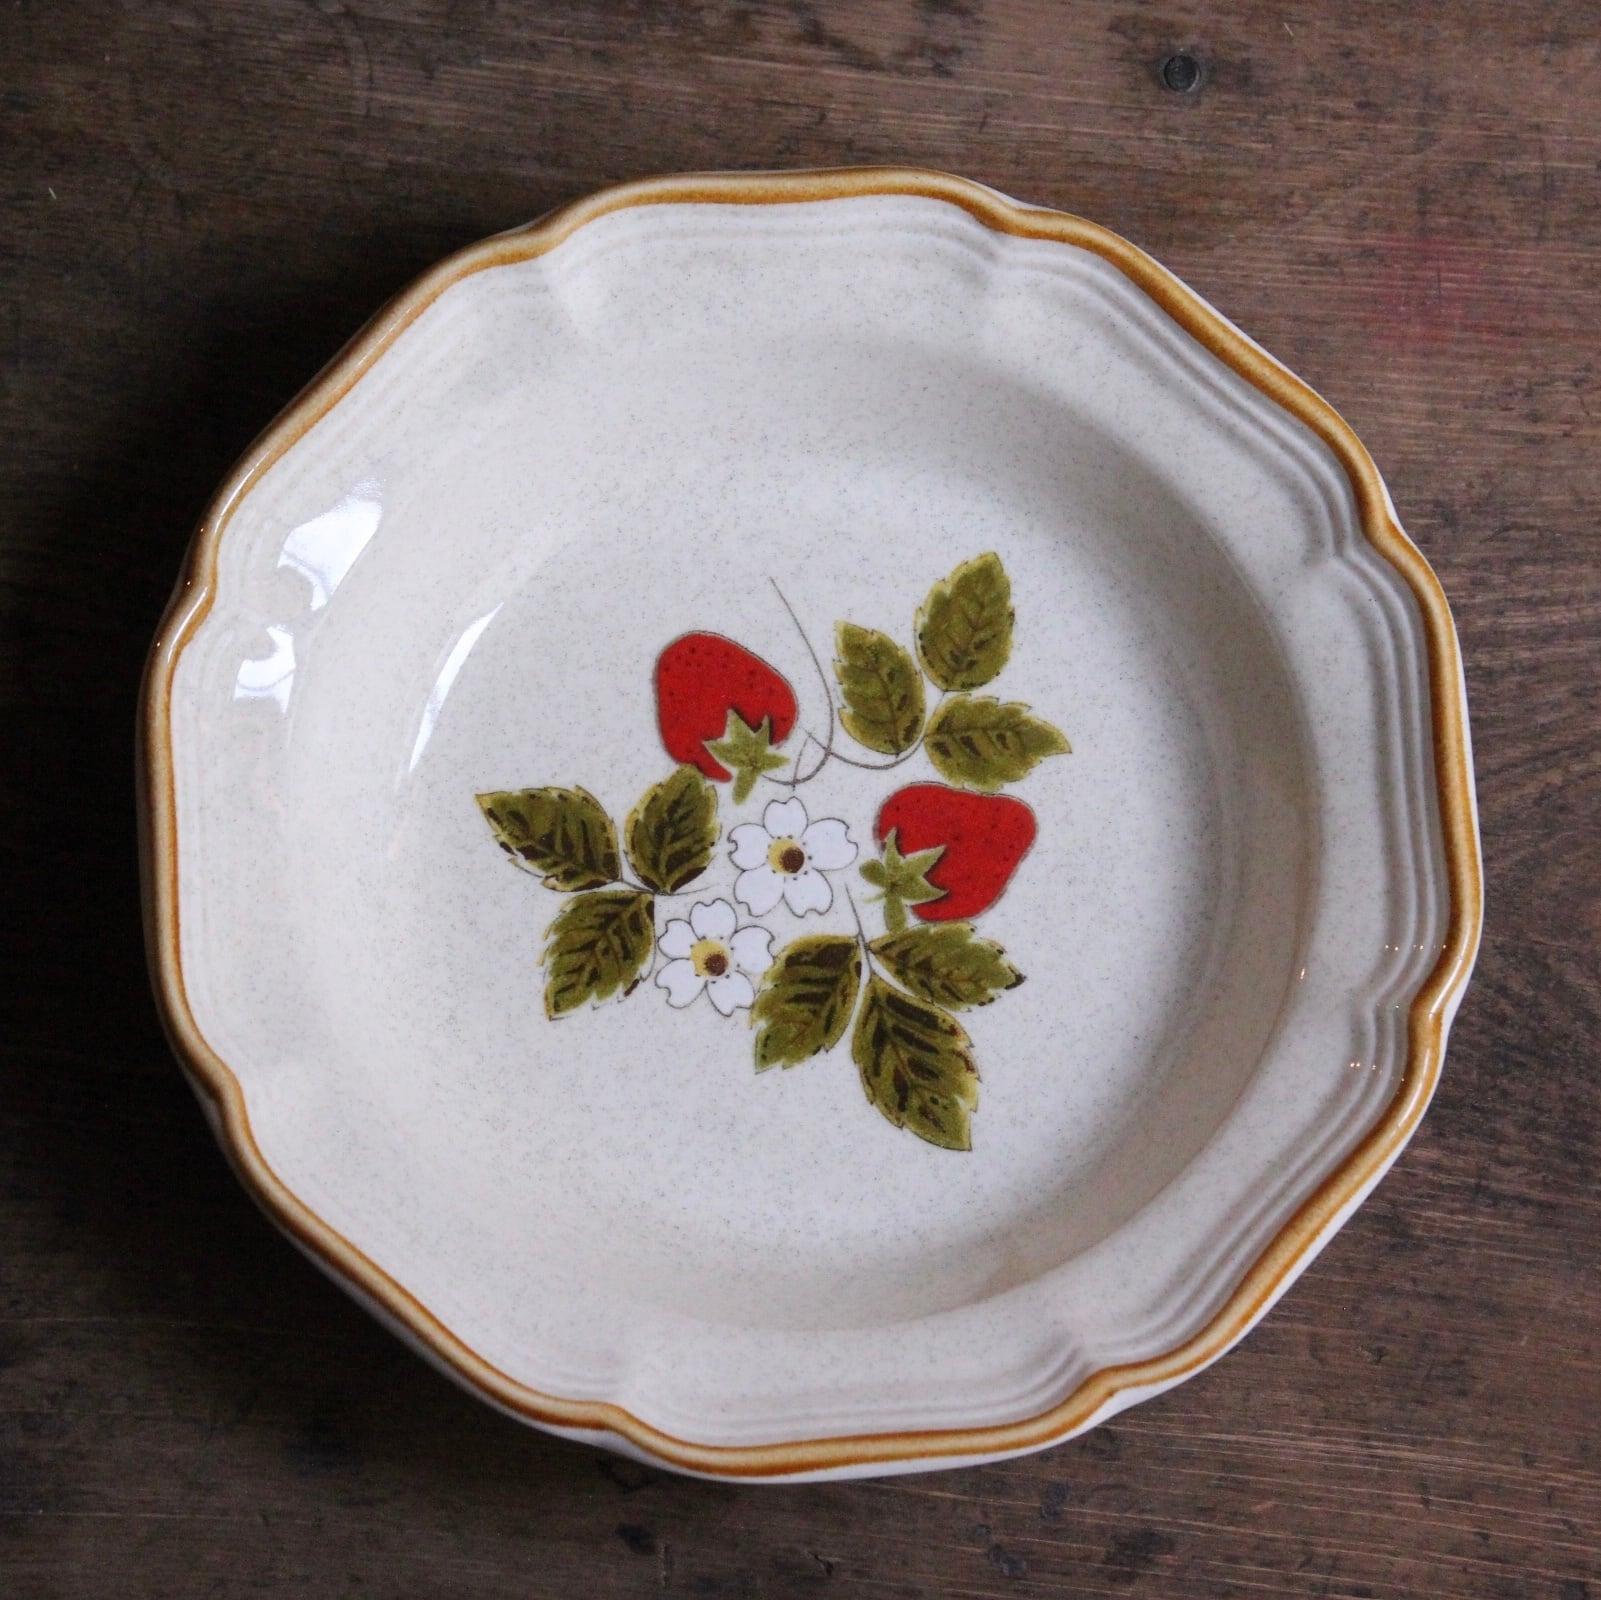 ミカサ ストロベリーフェスティバル パスタ皿 在庫1枚